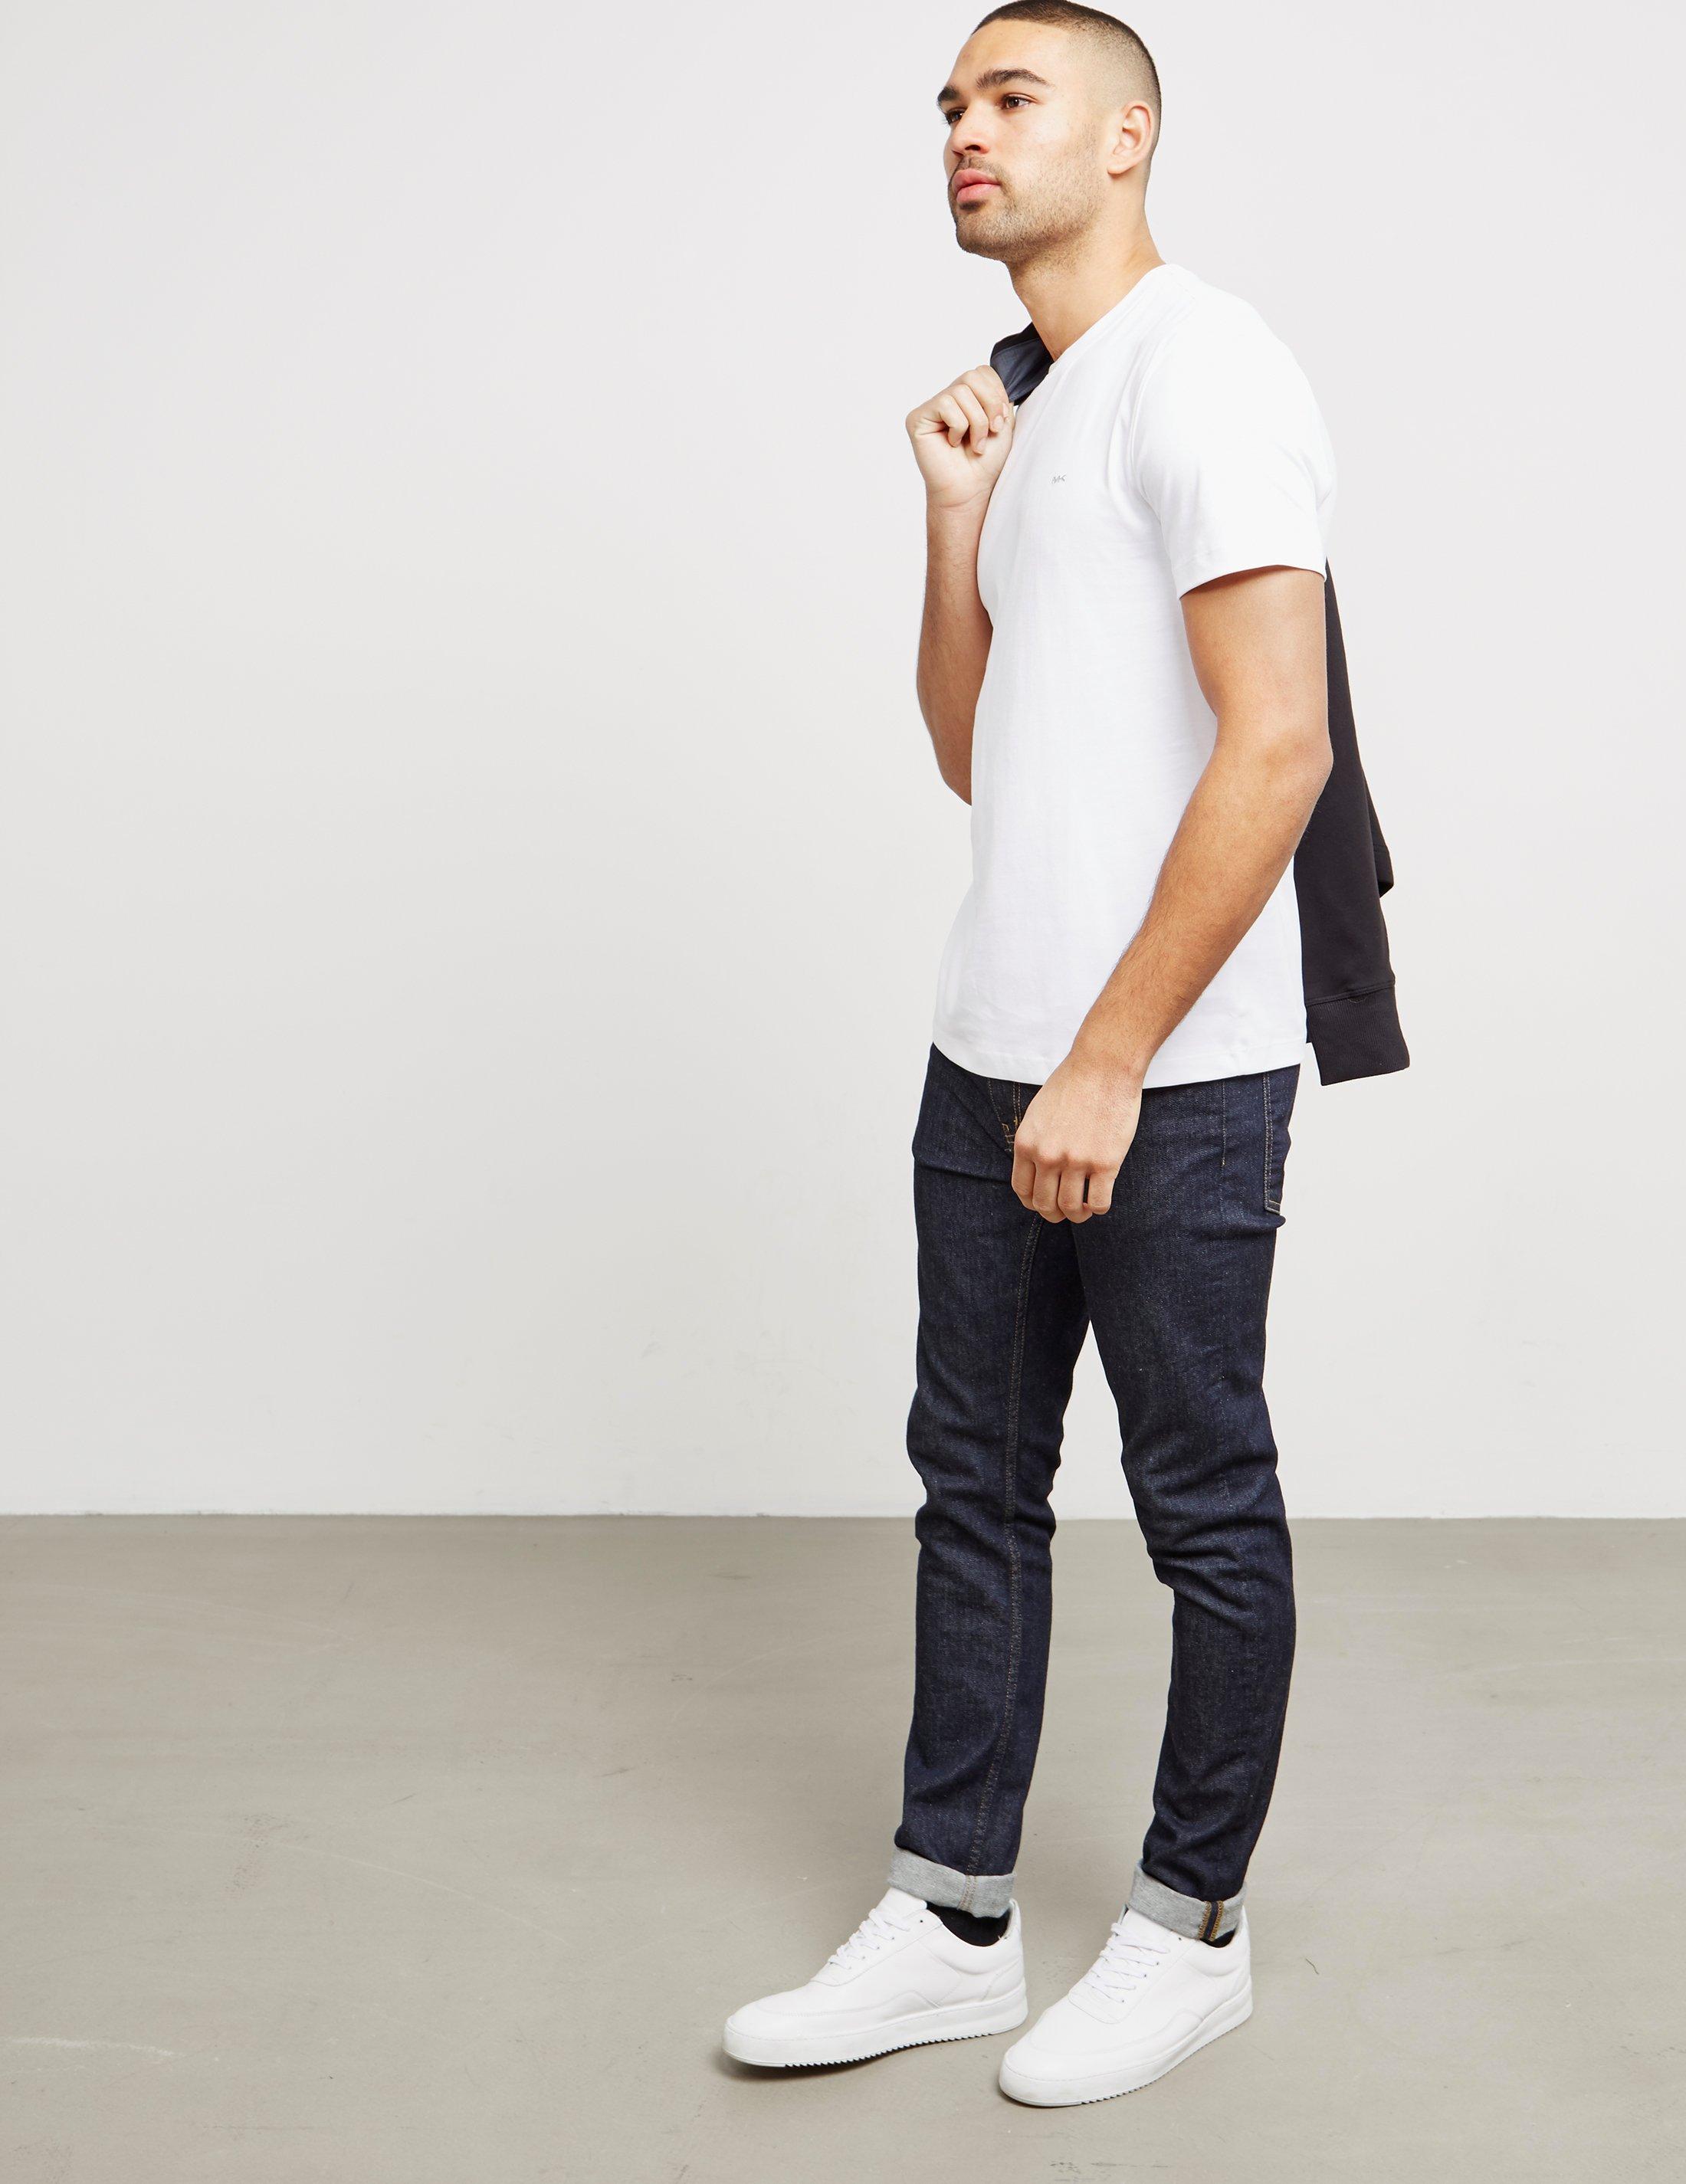 42e97a80e Lyst - Michael Kors Short Sleeve Sleek T-shirt White in White for ...